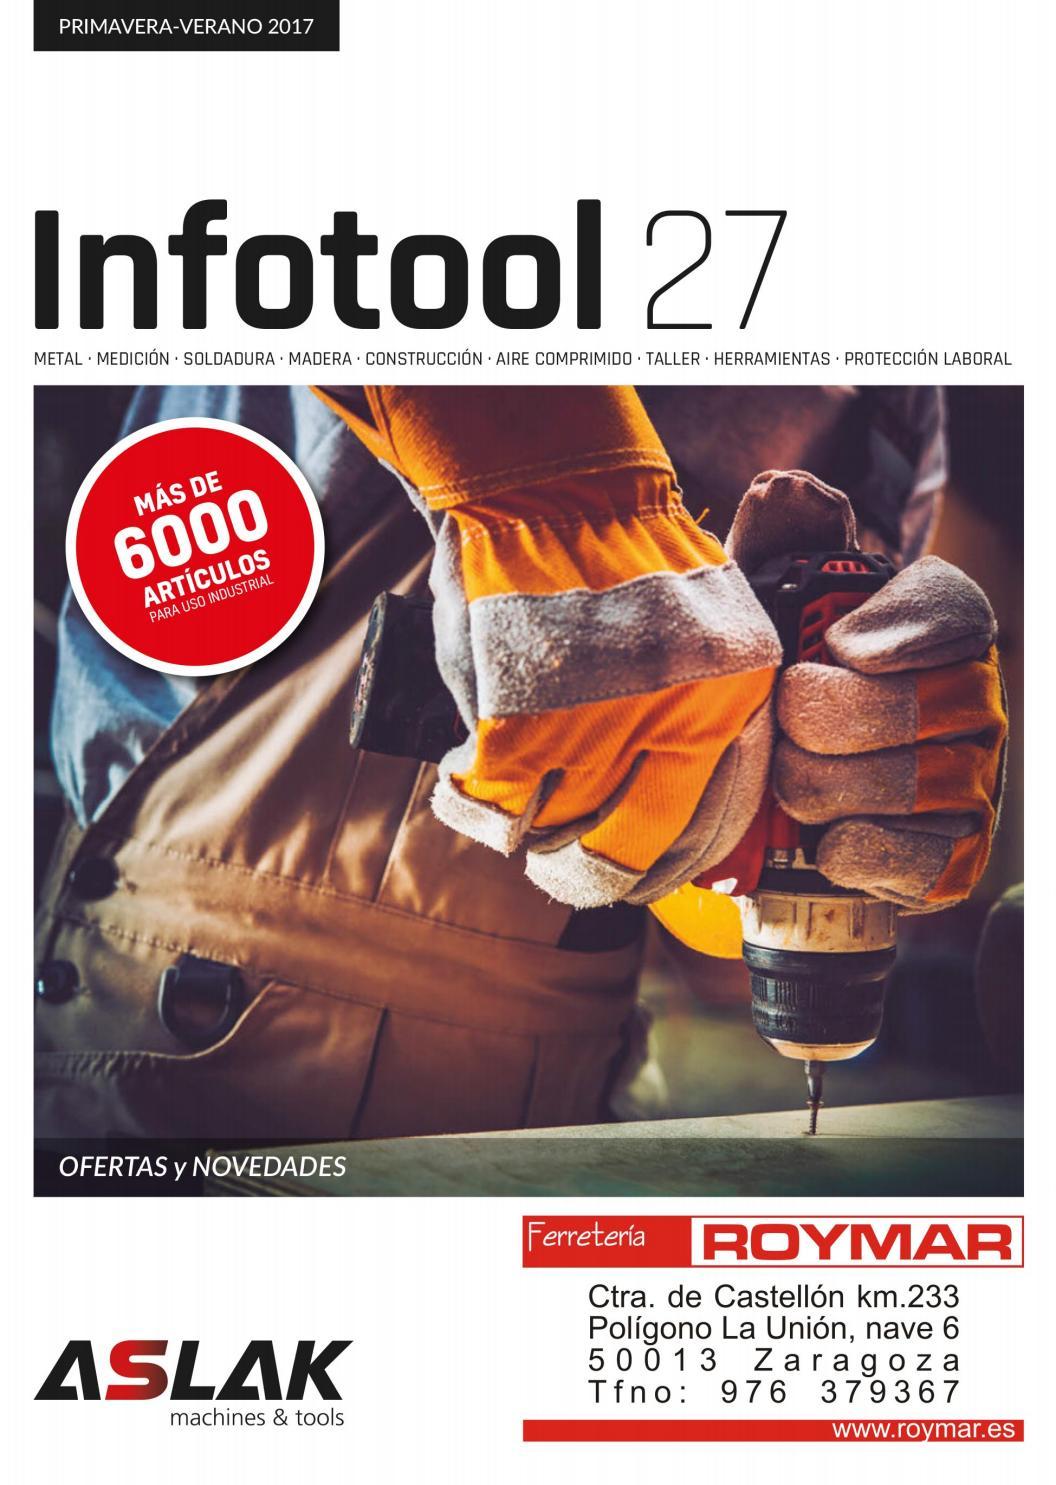 Oferta industrial verano 2017 by Roymar - issuu